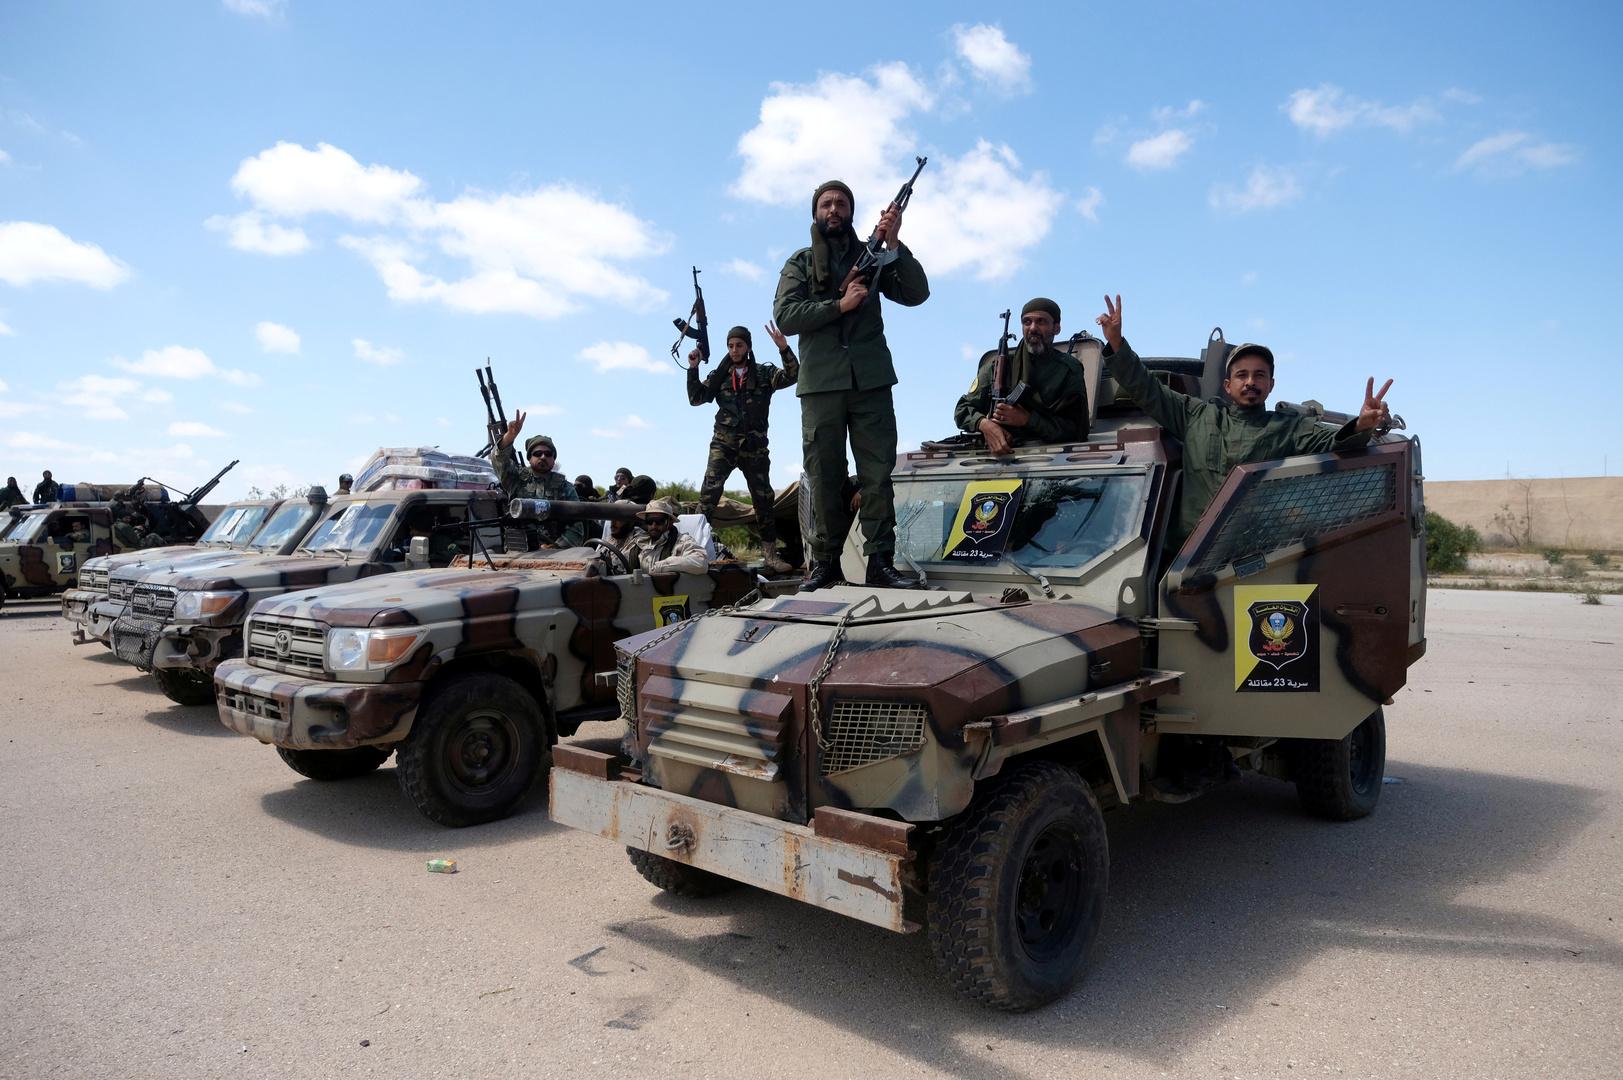 حكومة شرق ليبيا تدعو للضغط على